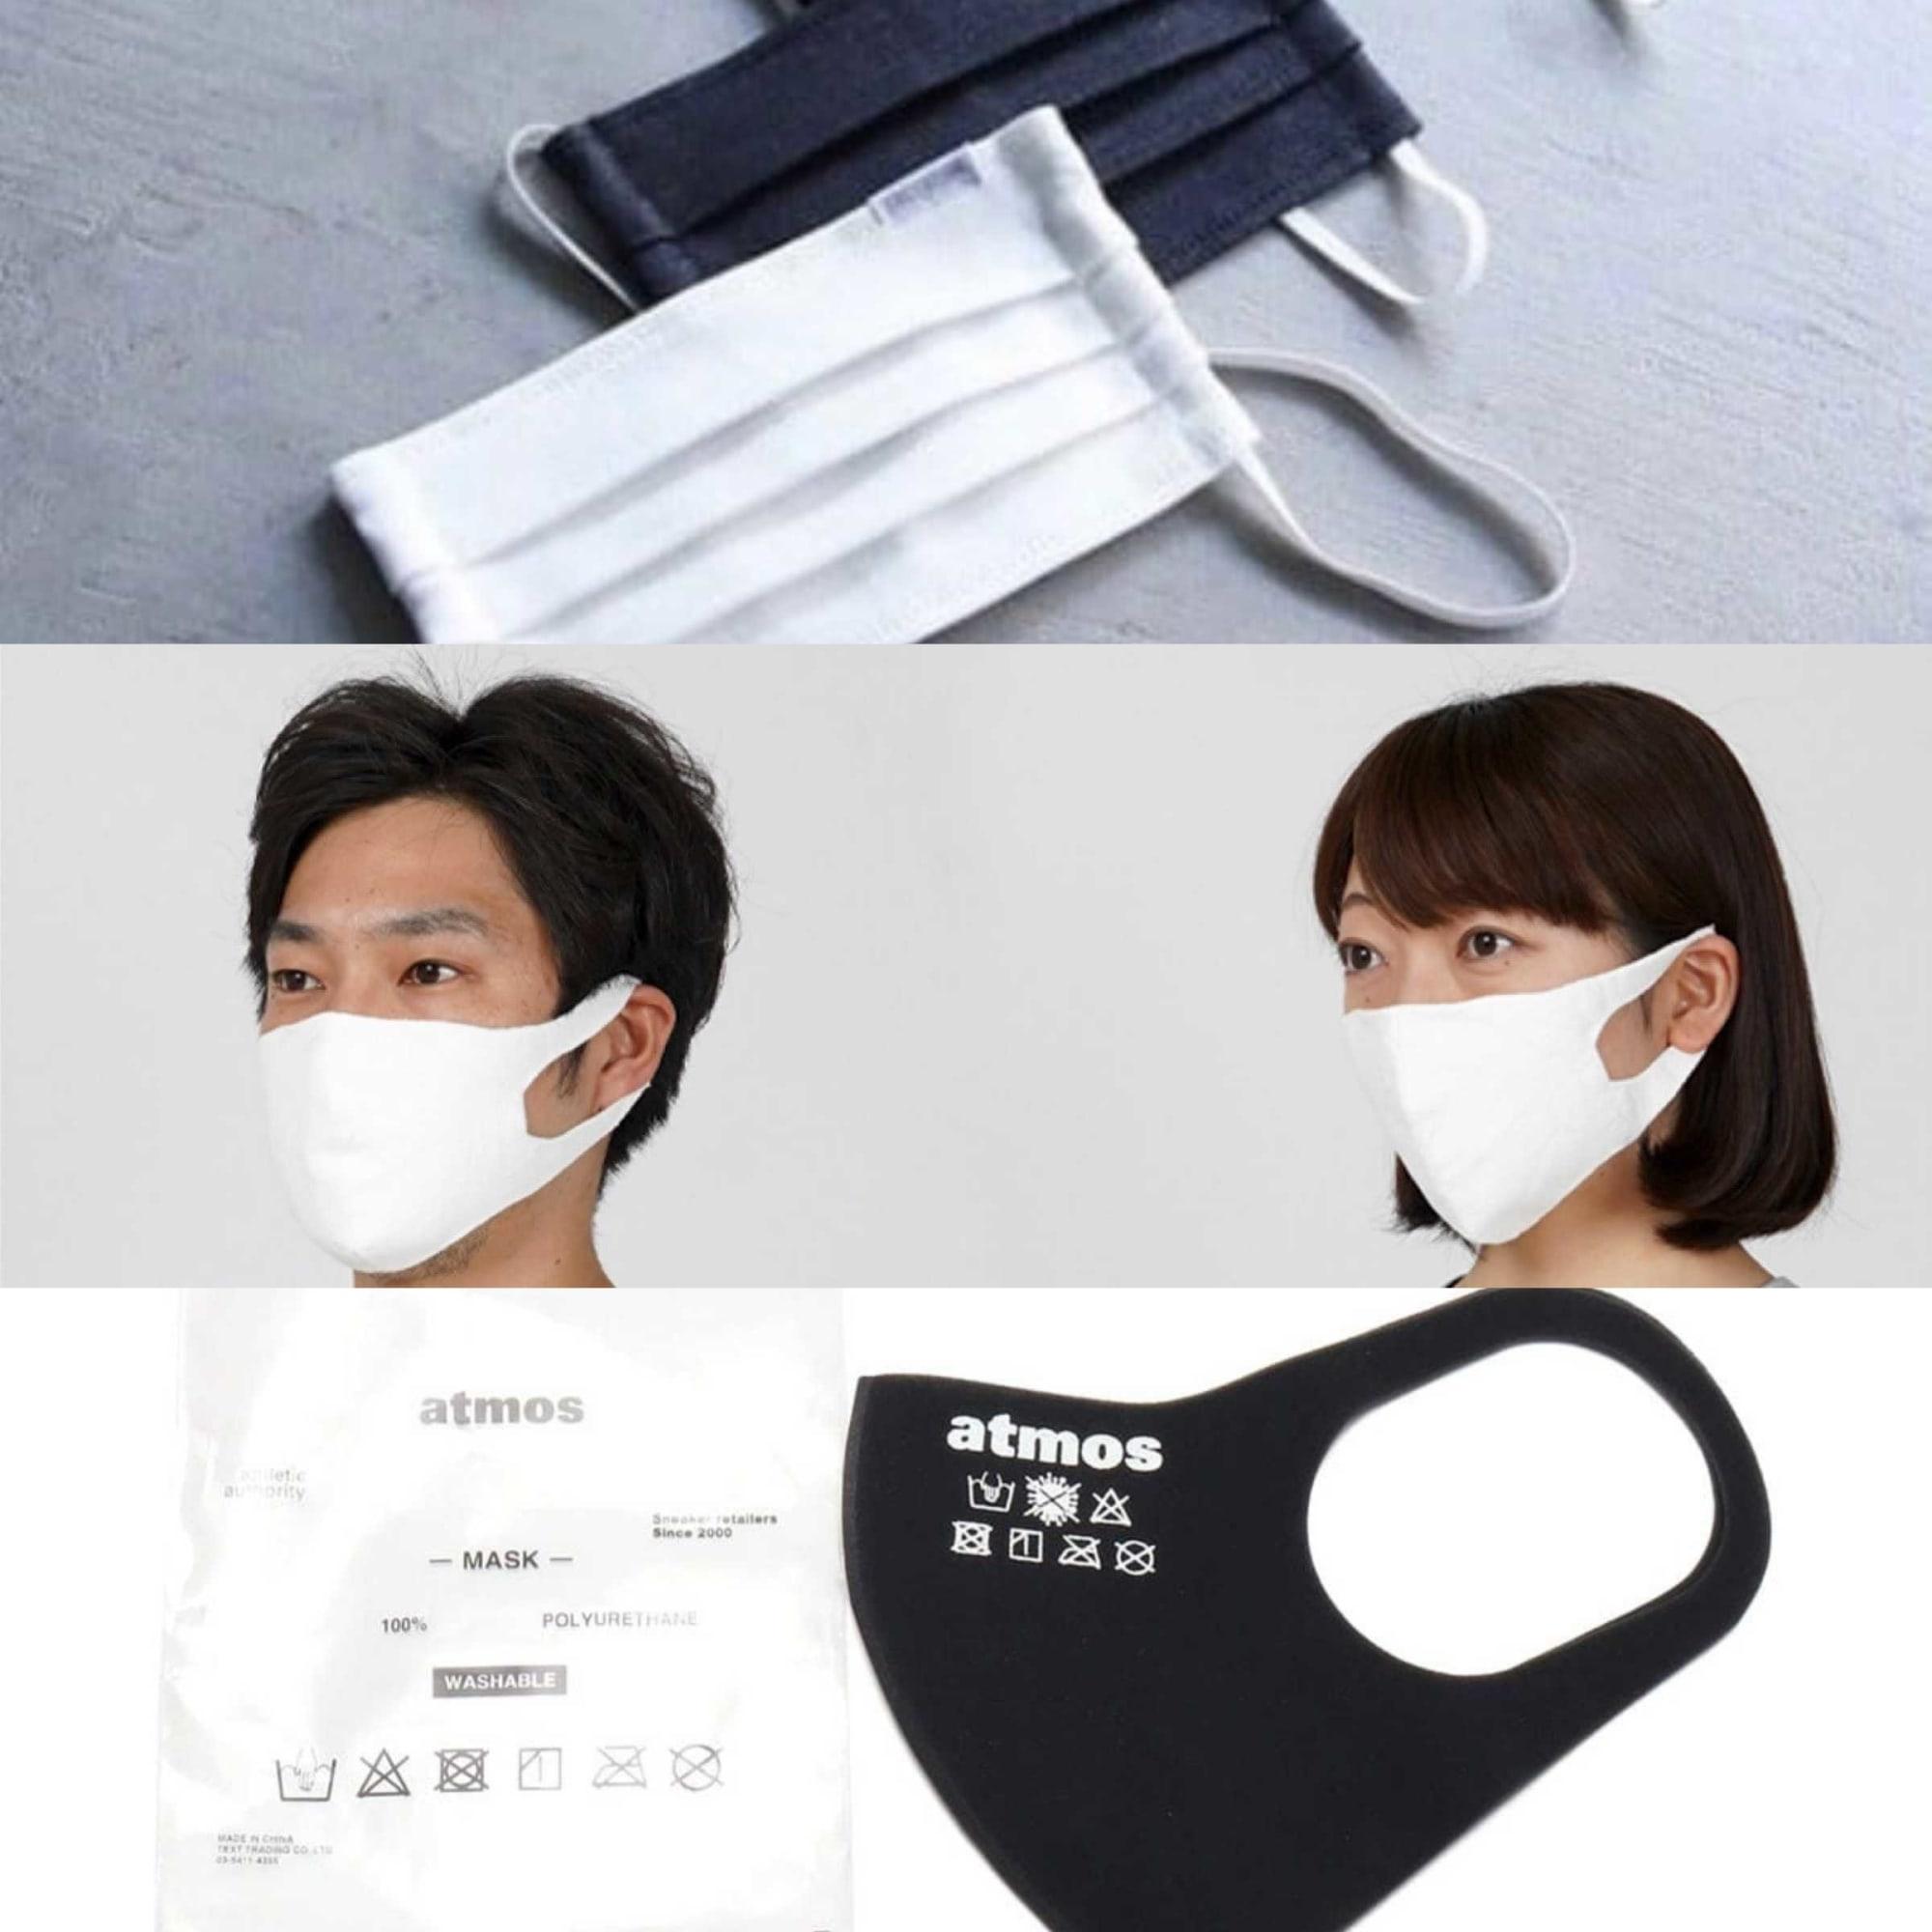 購入 aoki マスク アオキマスクの予約方法&口コミ評判は?店舗販売やオンラインショップも